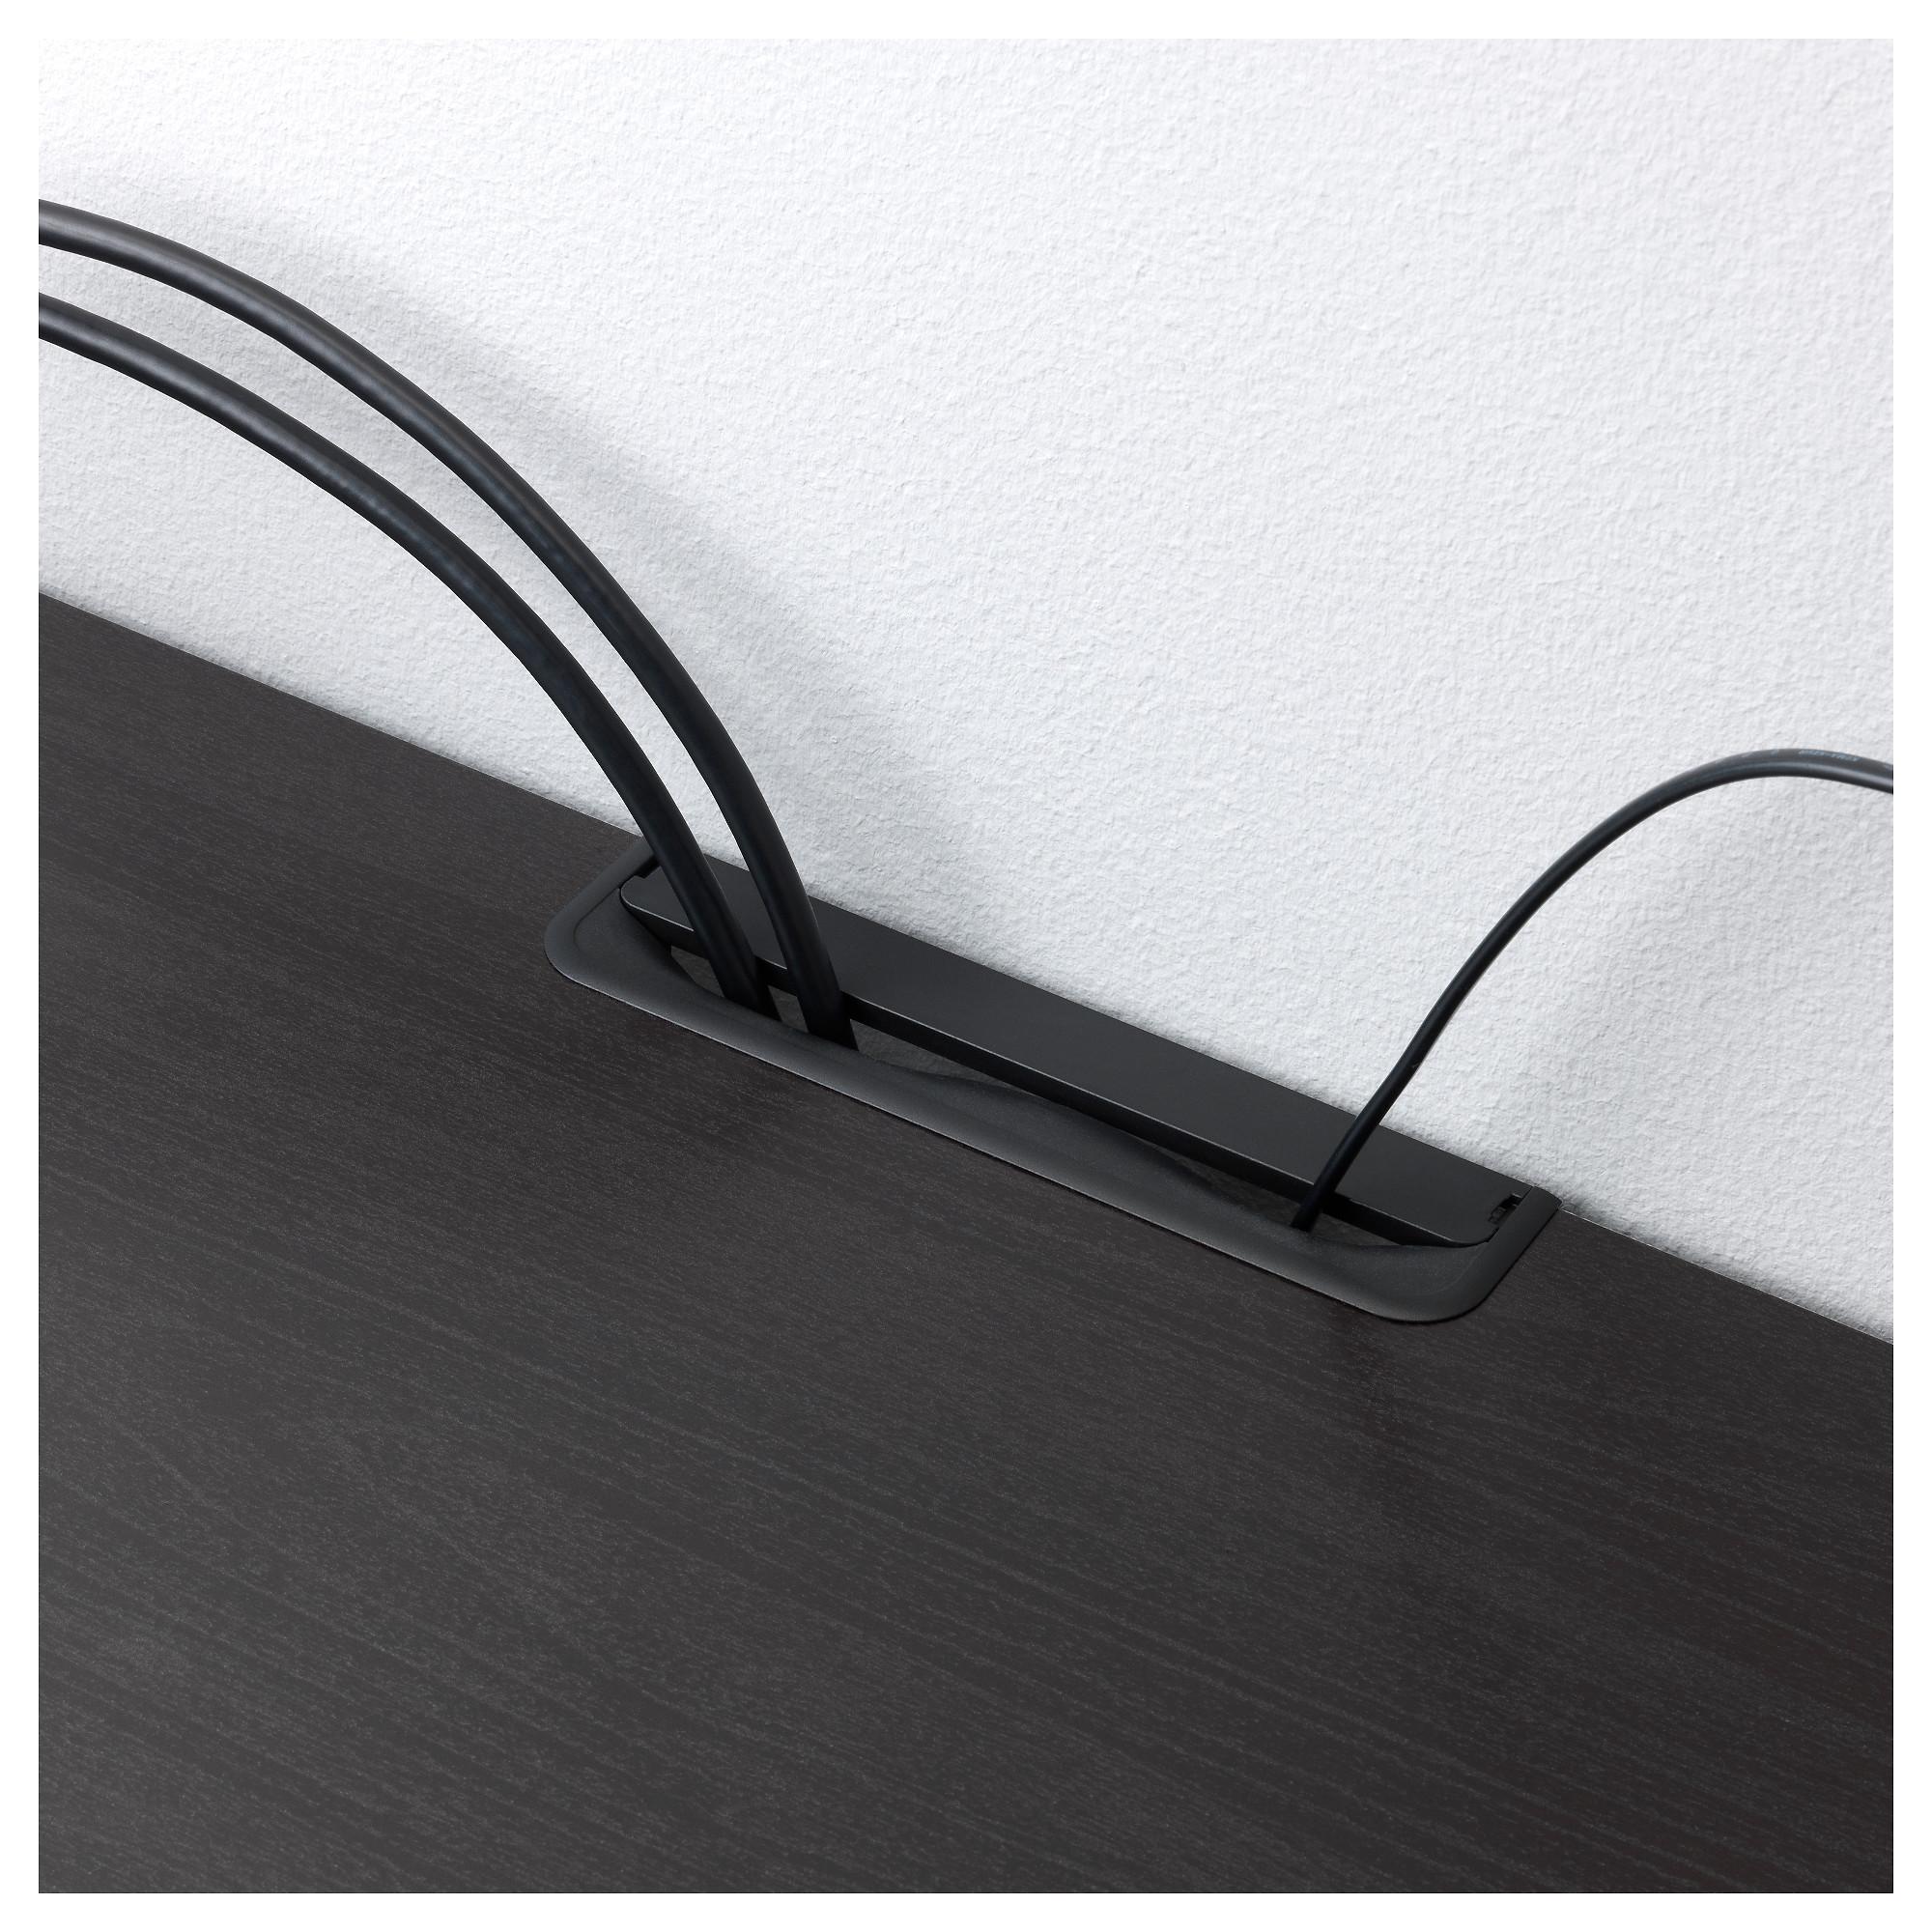 Шкаф для ТВ, комбинированный, стекляные дверцы БЕСТО черно-коричневый артикуль № 592.522.13 в наличии. Онлайн сайт ИКЕА РБ. Недорогая доставка и соборка.